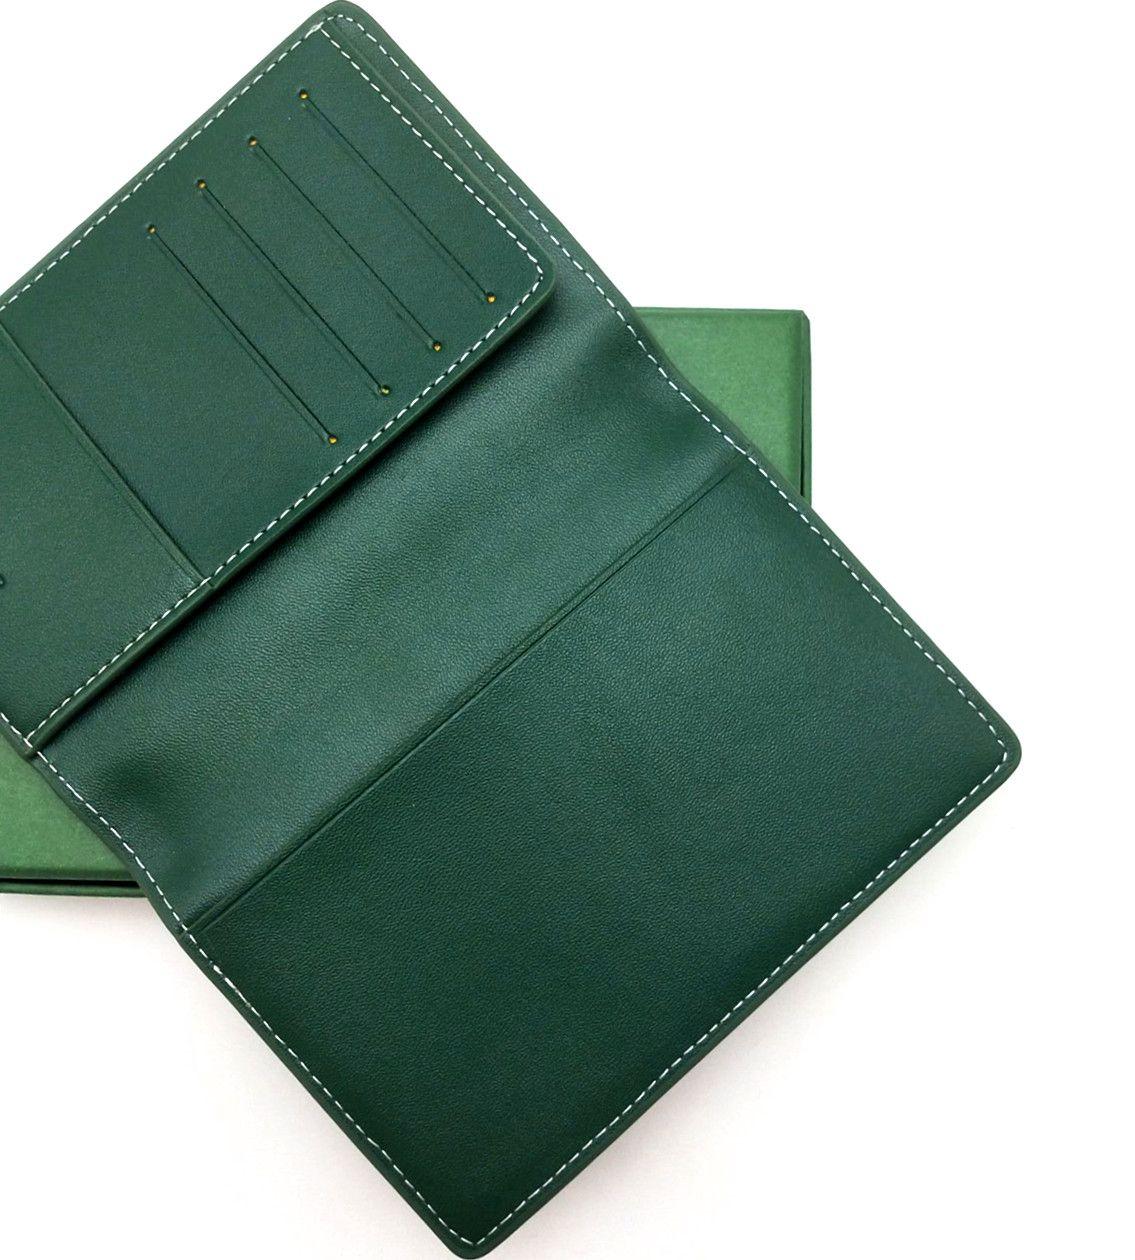 ذات جودة عالية جديد الغلاف جواز السفر كلاسيك للرجال أزياء المرأة حامل جواز السفر يغطي حامل بطاقة الهوية مع صندوق